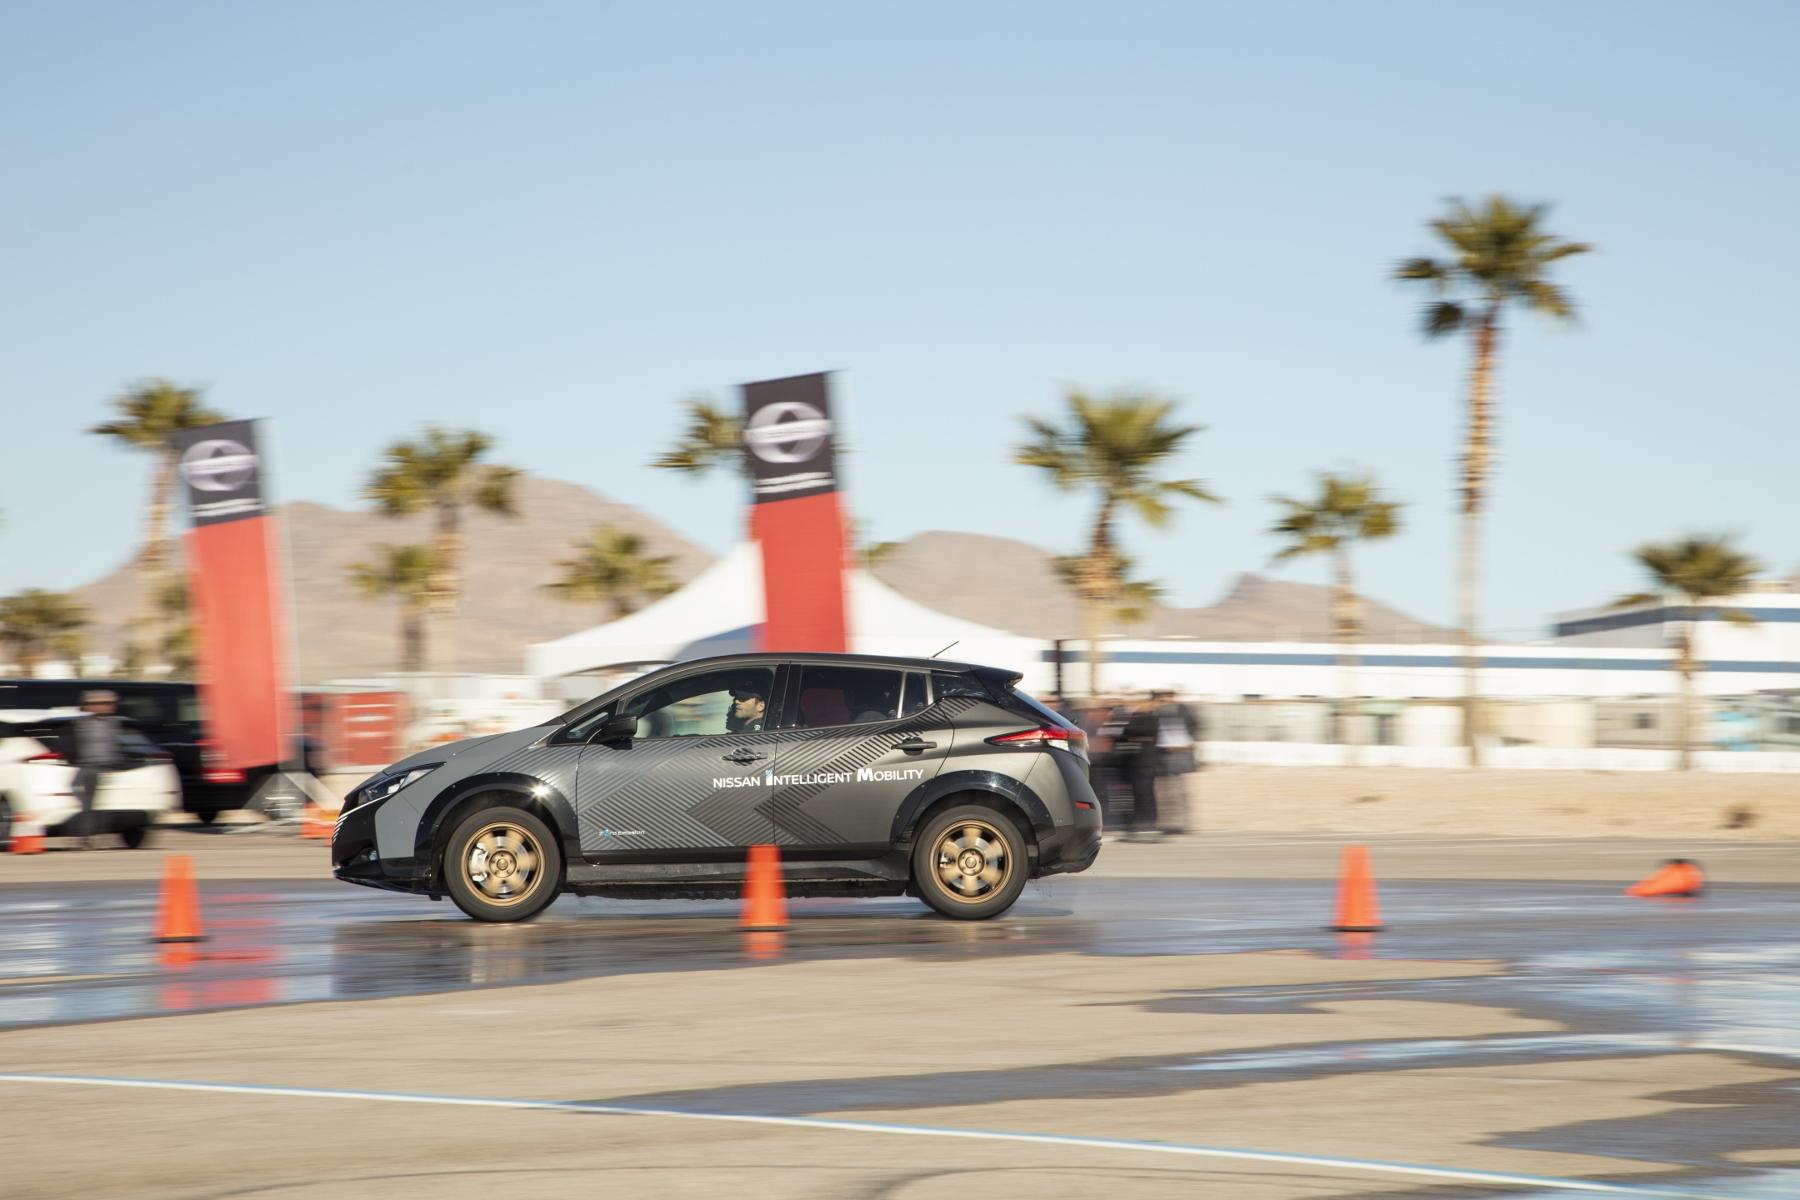 Nissan prichádza s revolučným elektrickým pohonom všetkých kolies yrH4s92Pgy nissan-leaf-prototyp-12